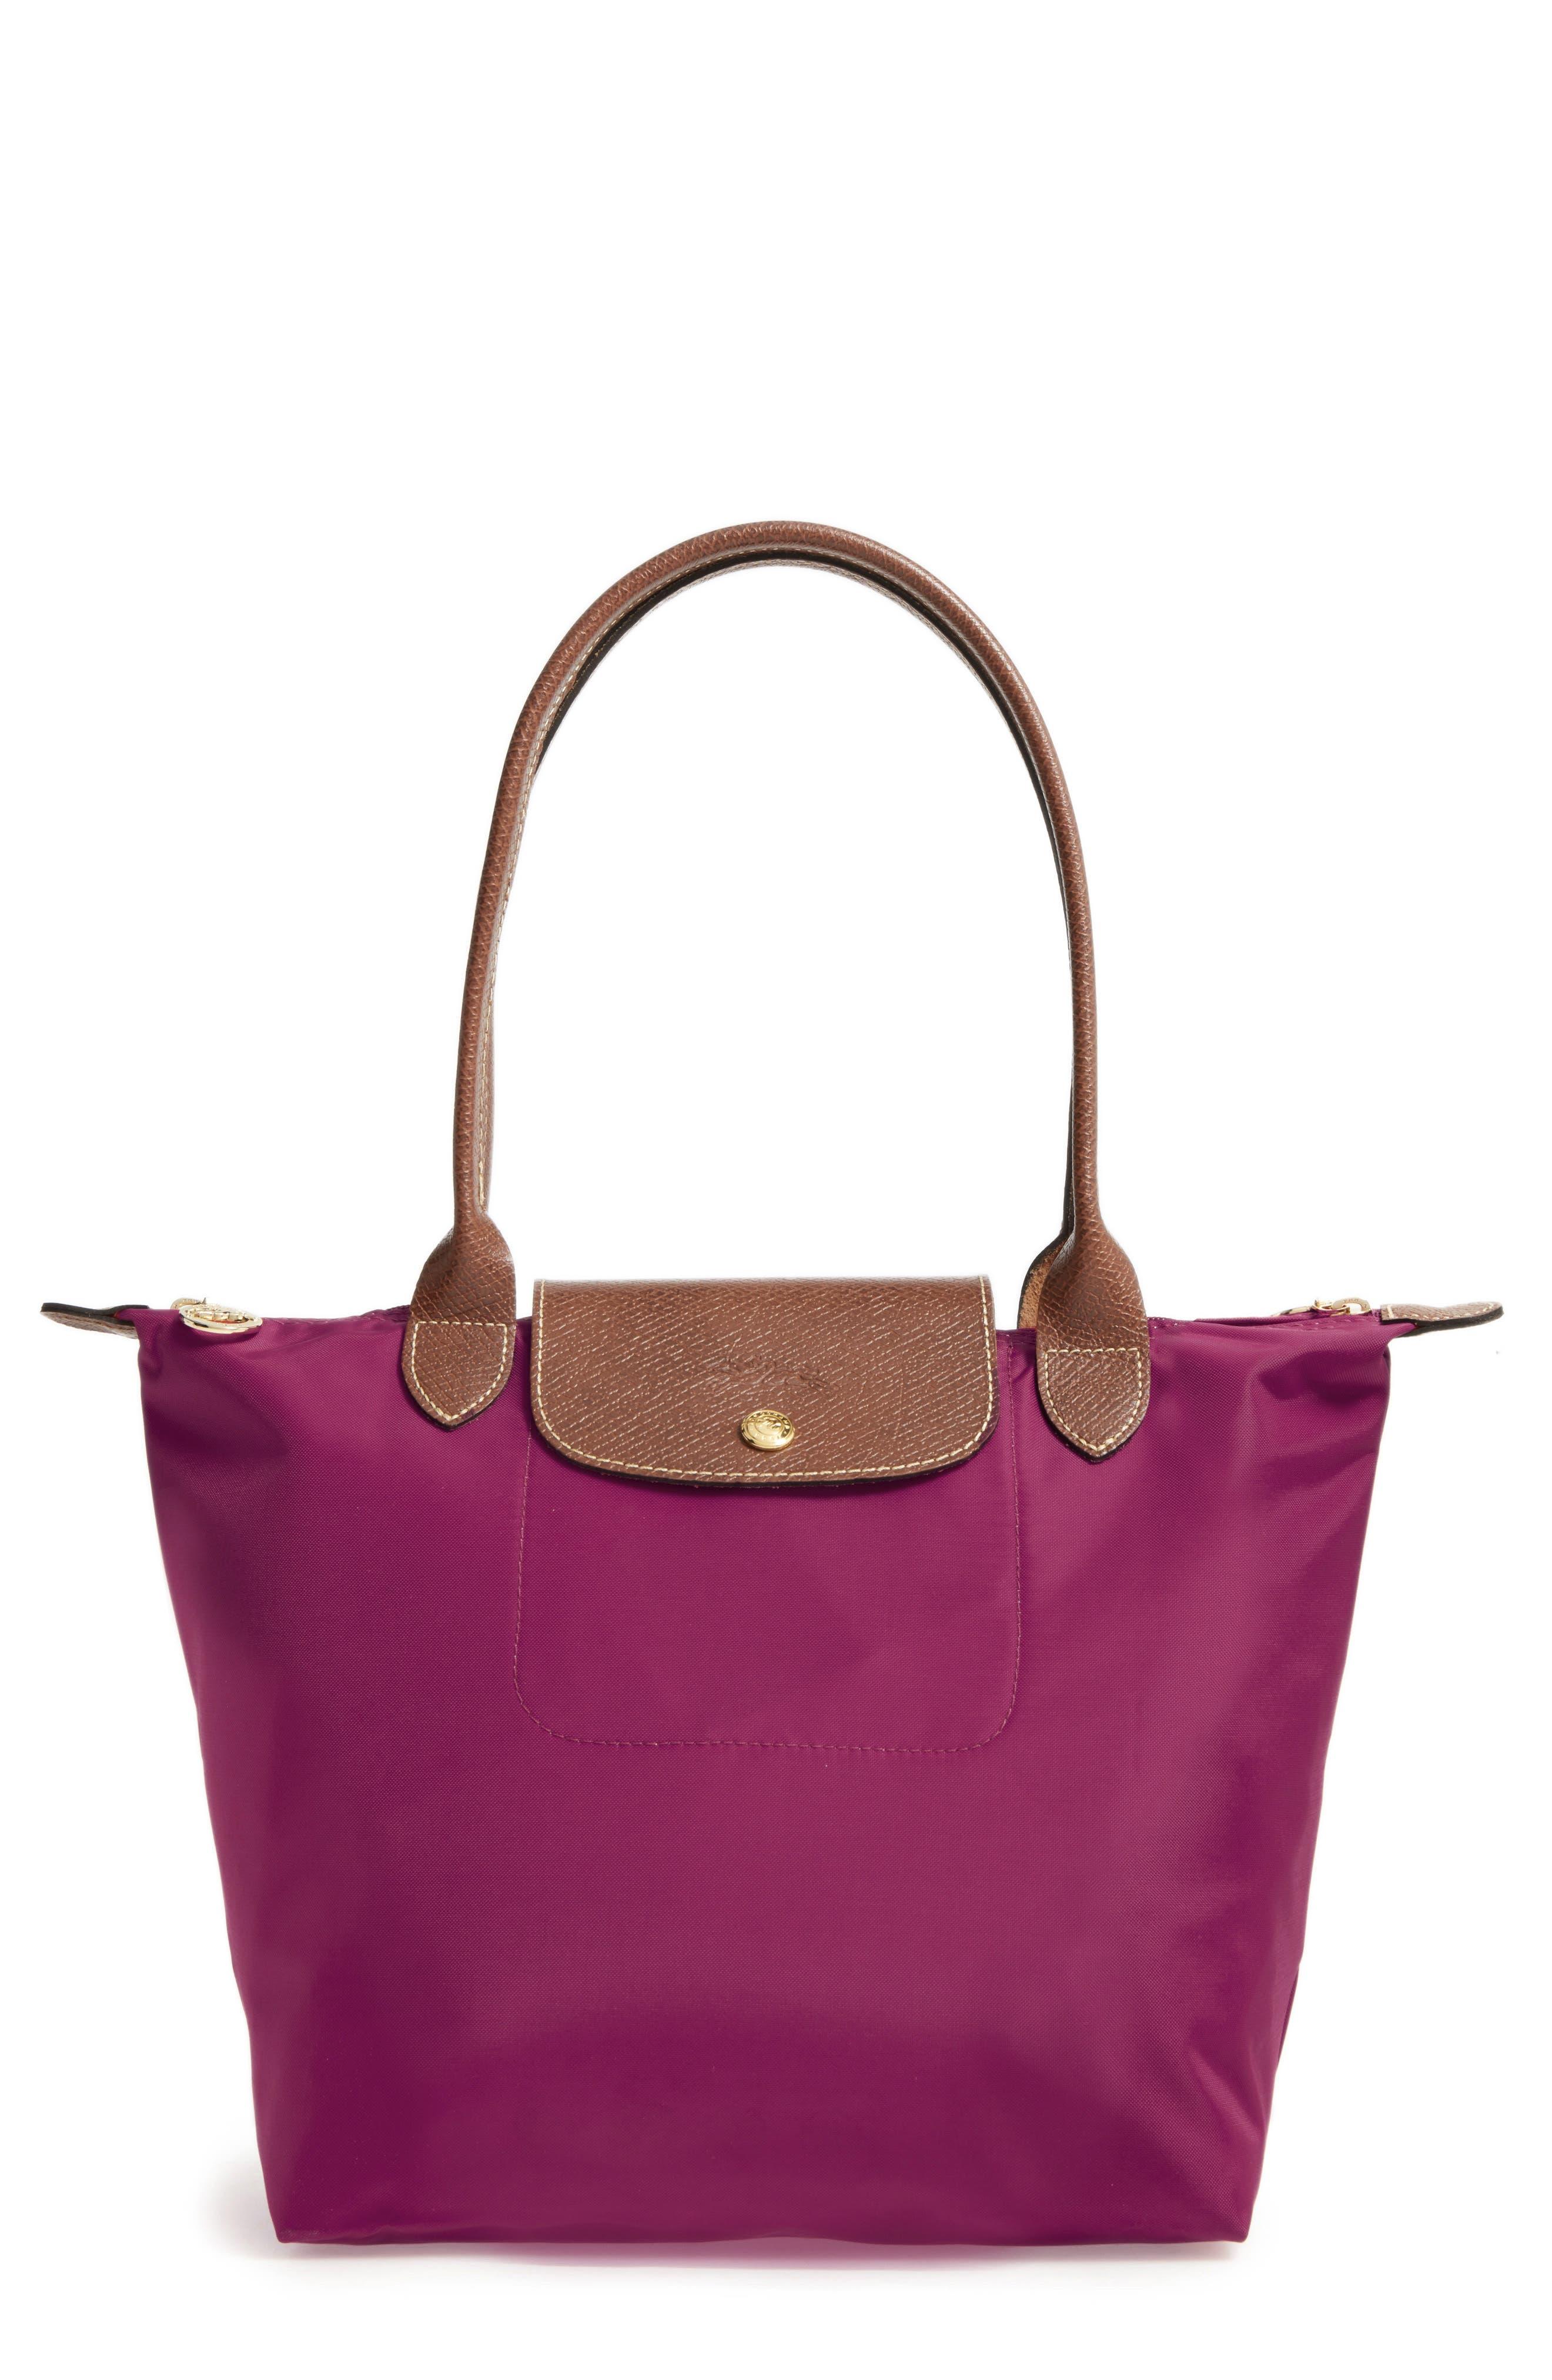 Longchamp \u0027Small Le Pliage\u0027 Tote